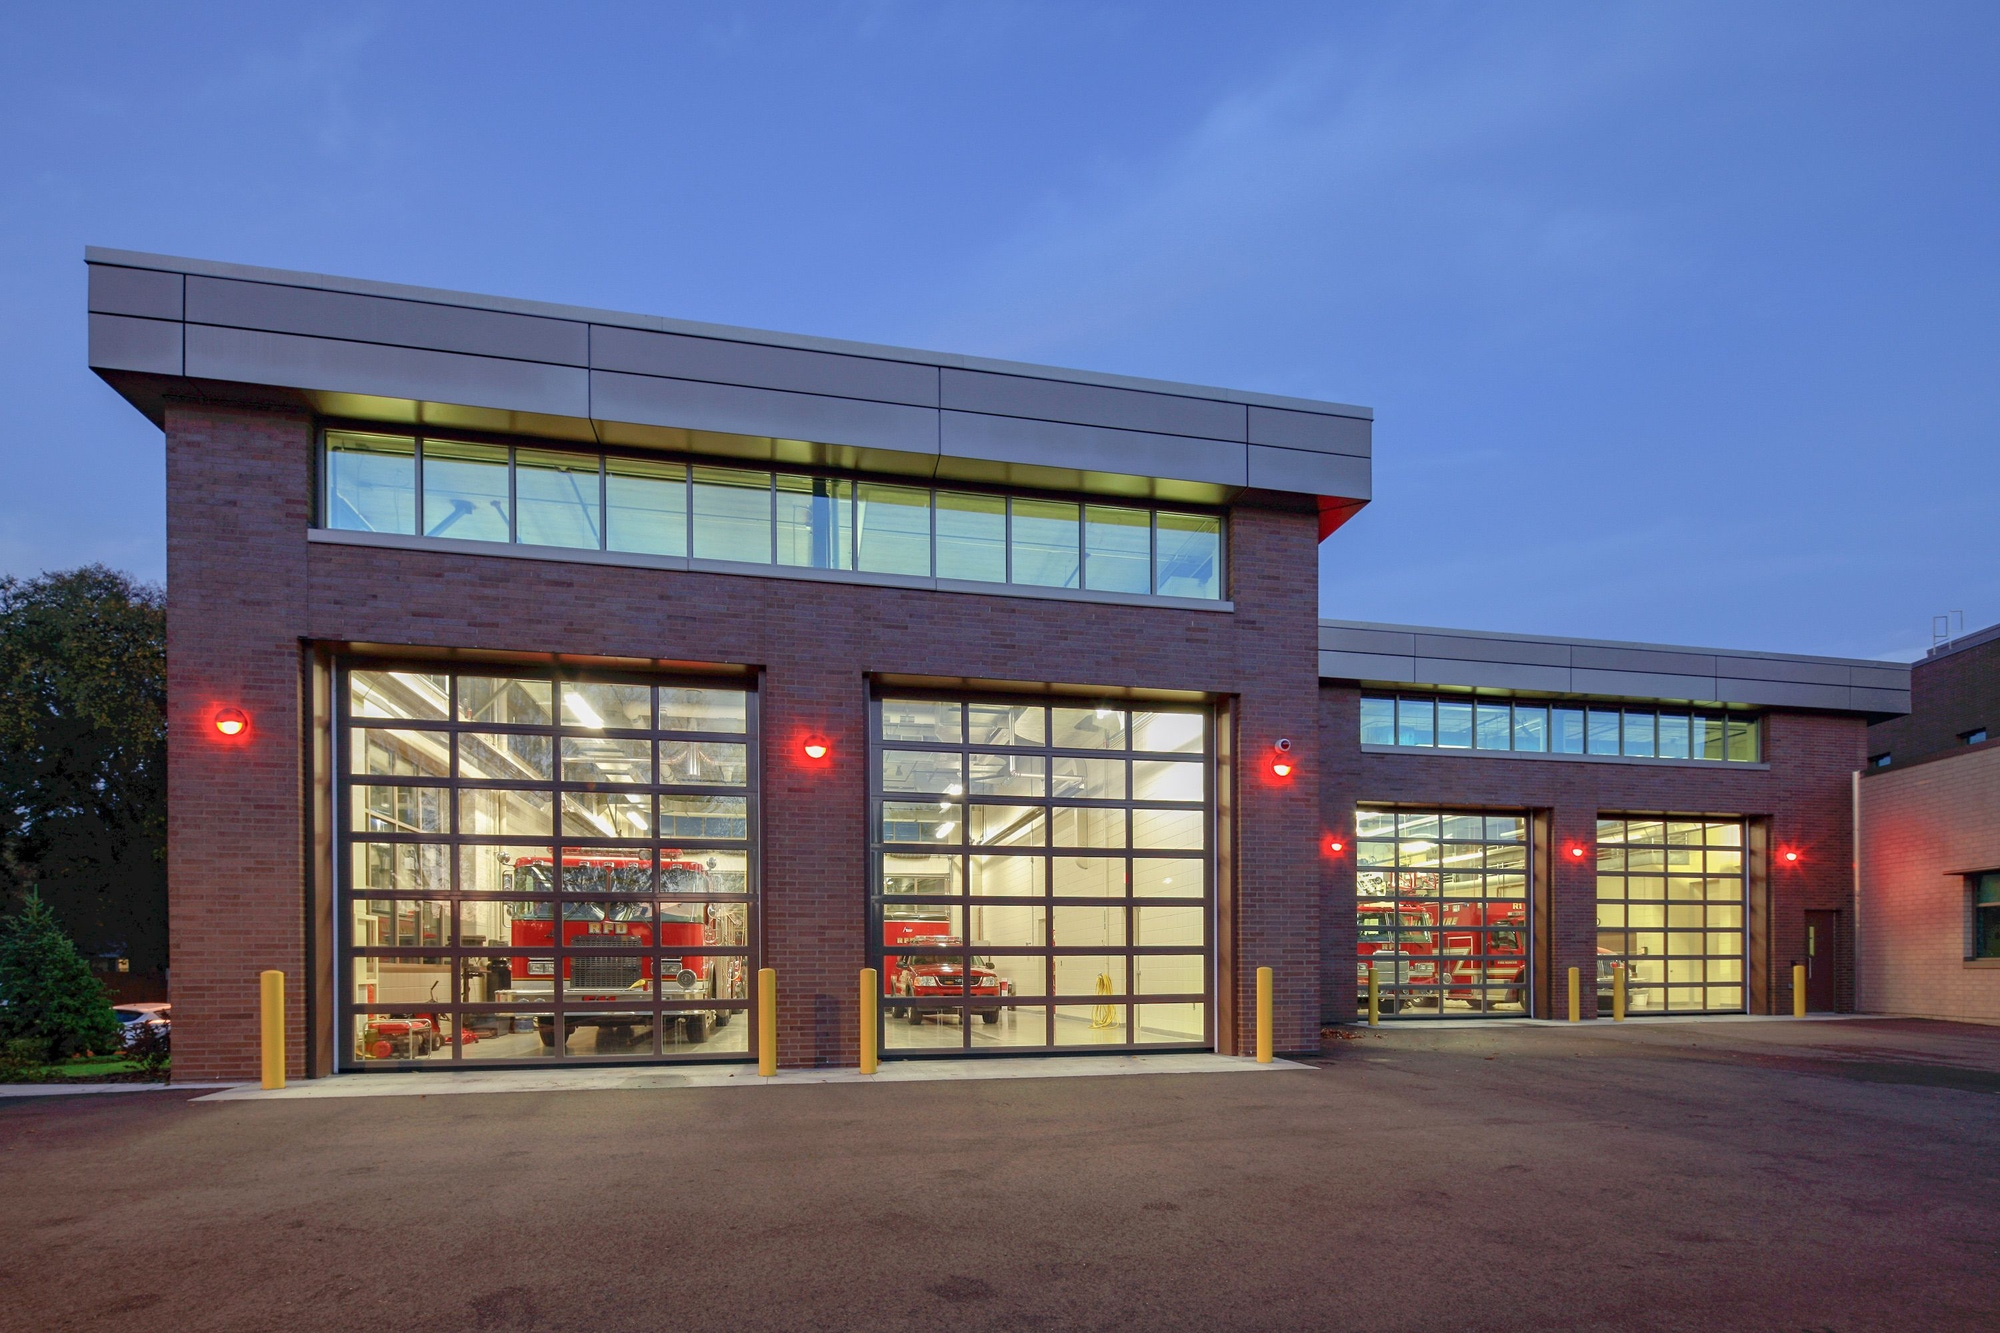 Fire Station Design 2